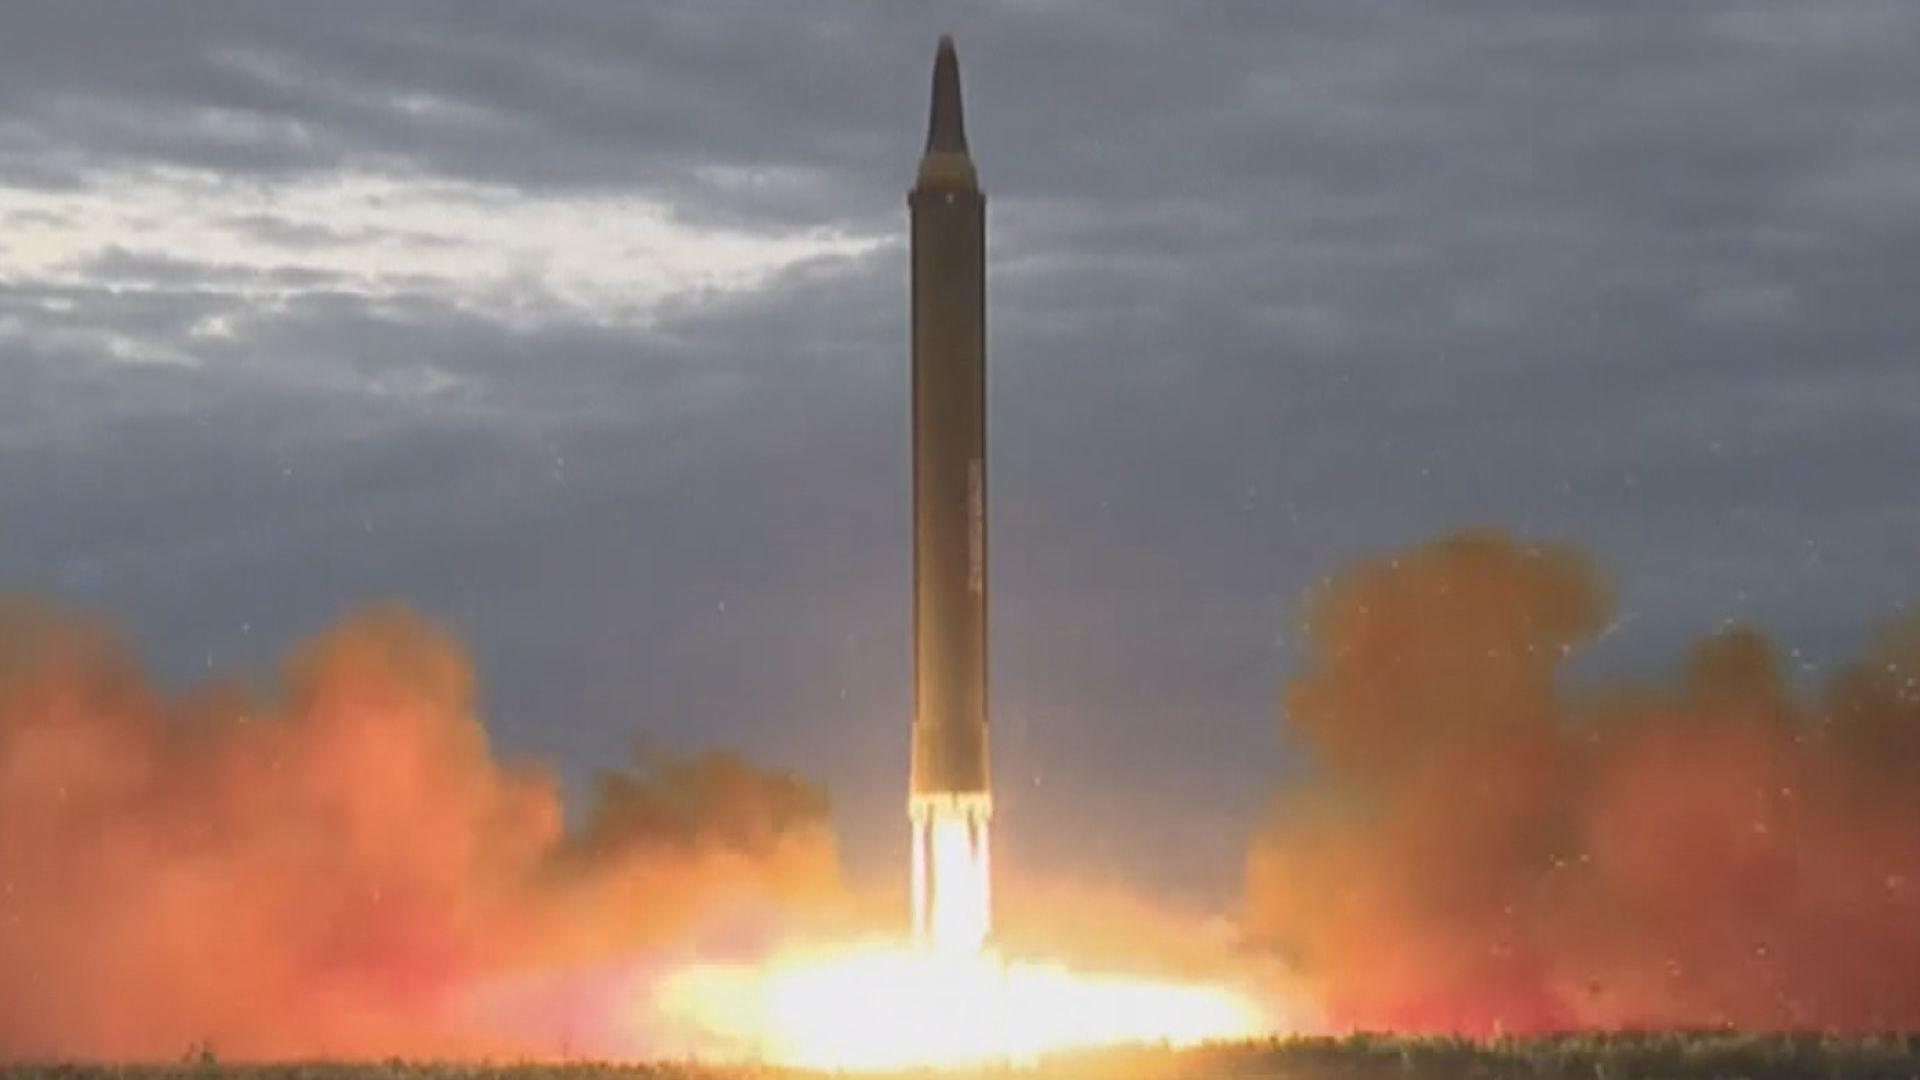 朝疑試射短程導彈 特朗普再淡化事件